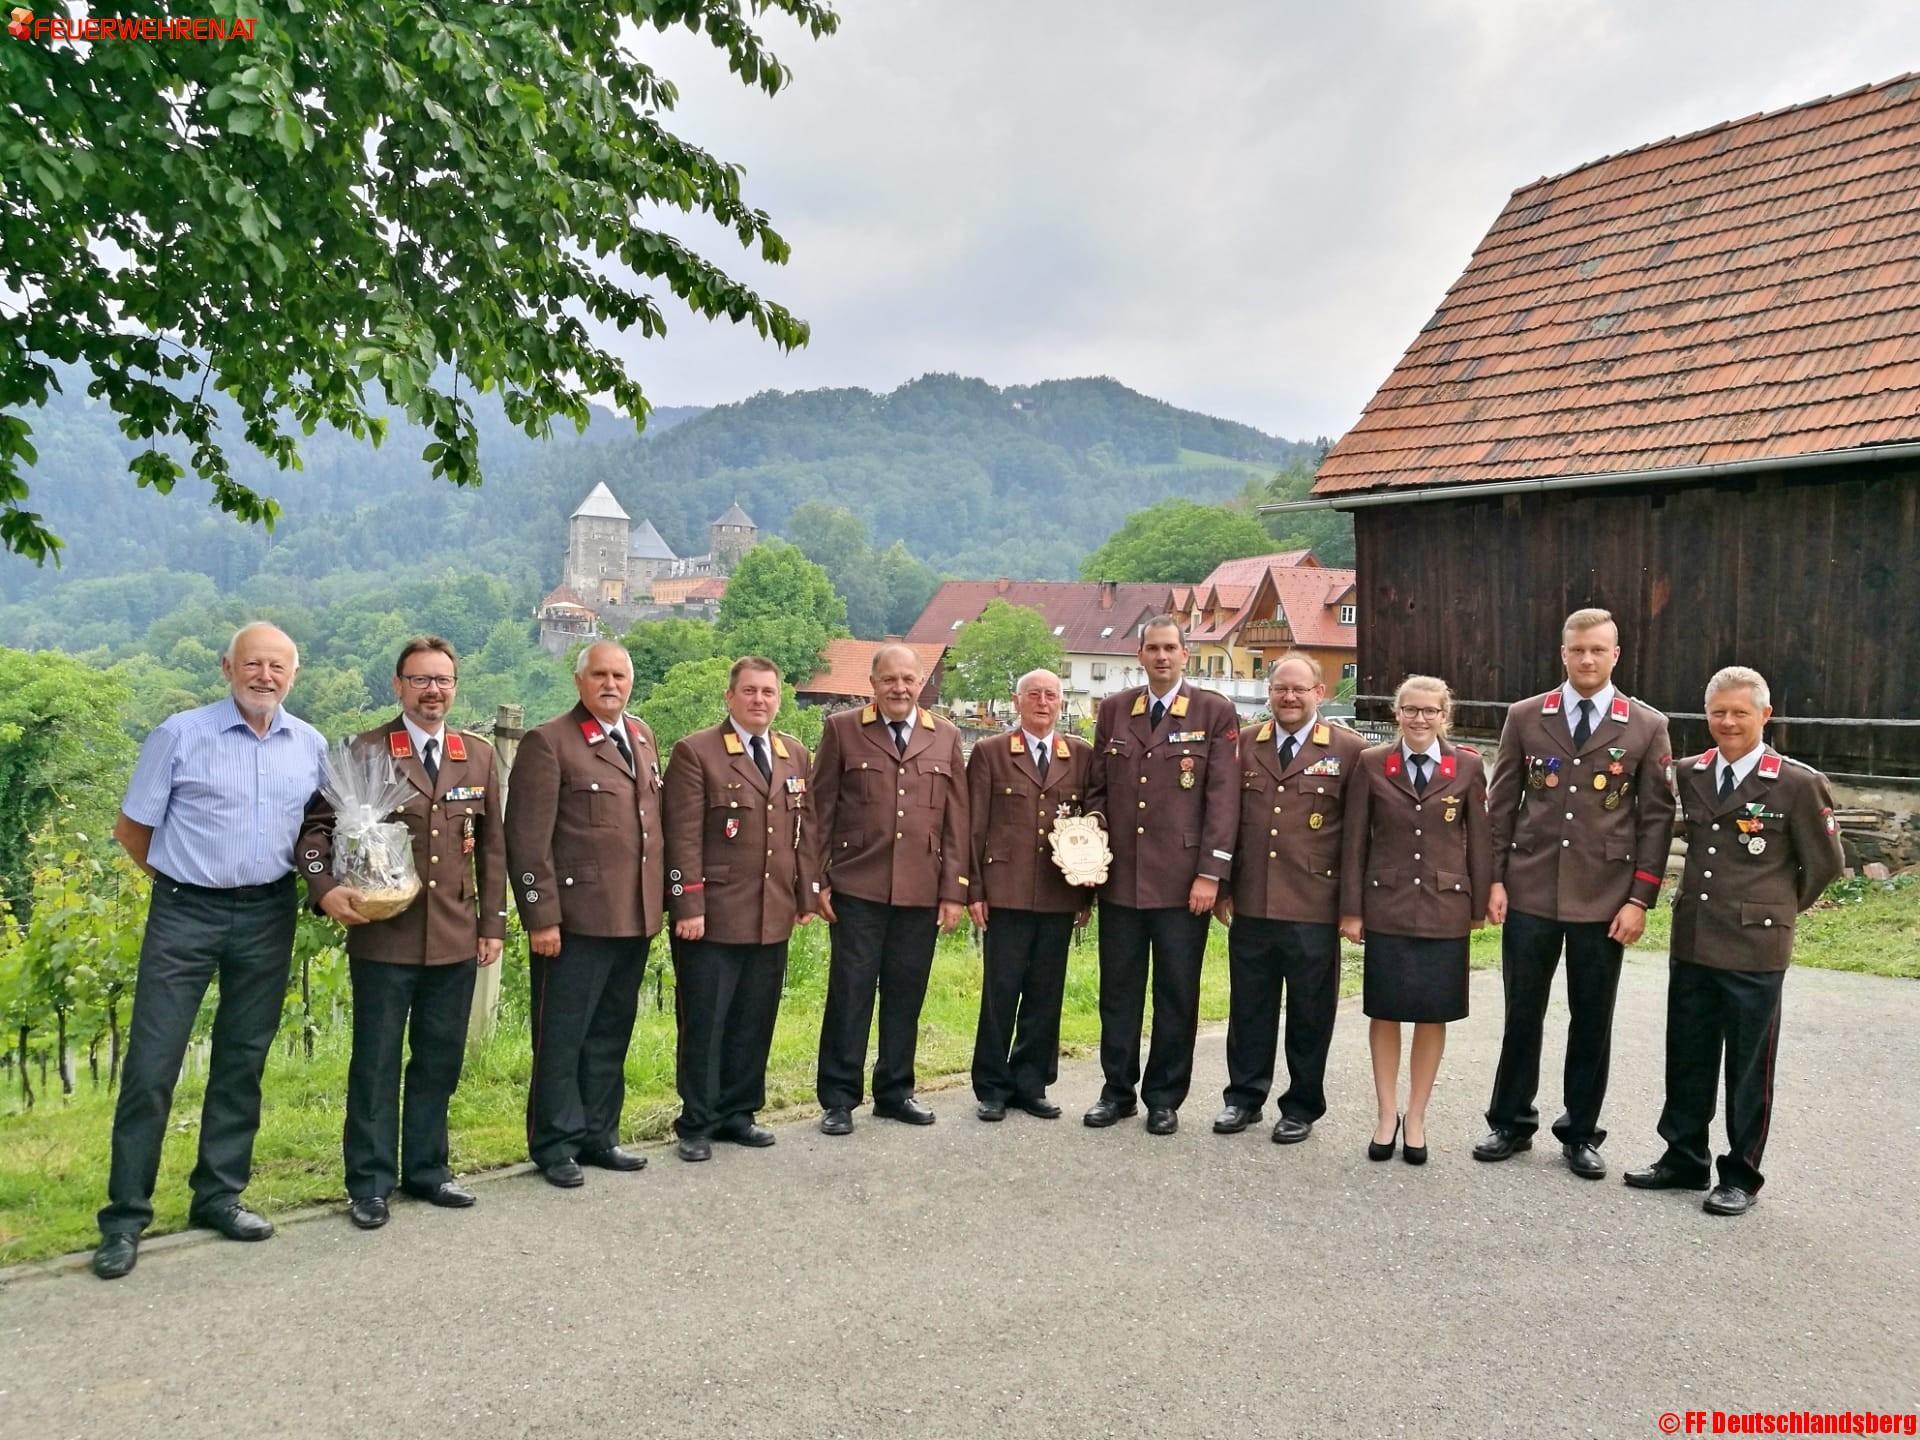 FF Deutschlandsberg